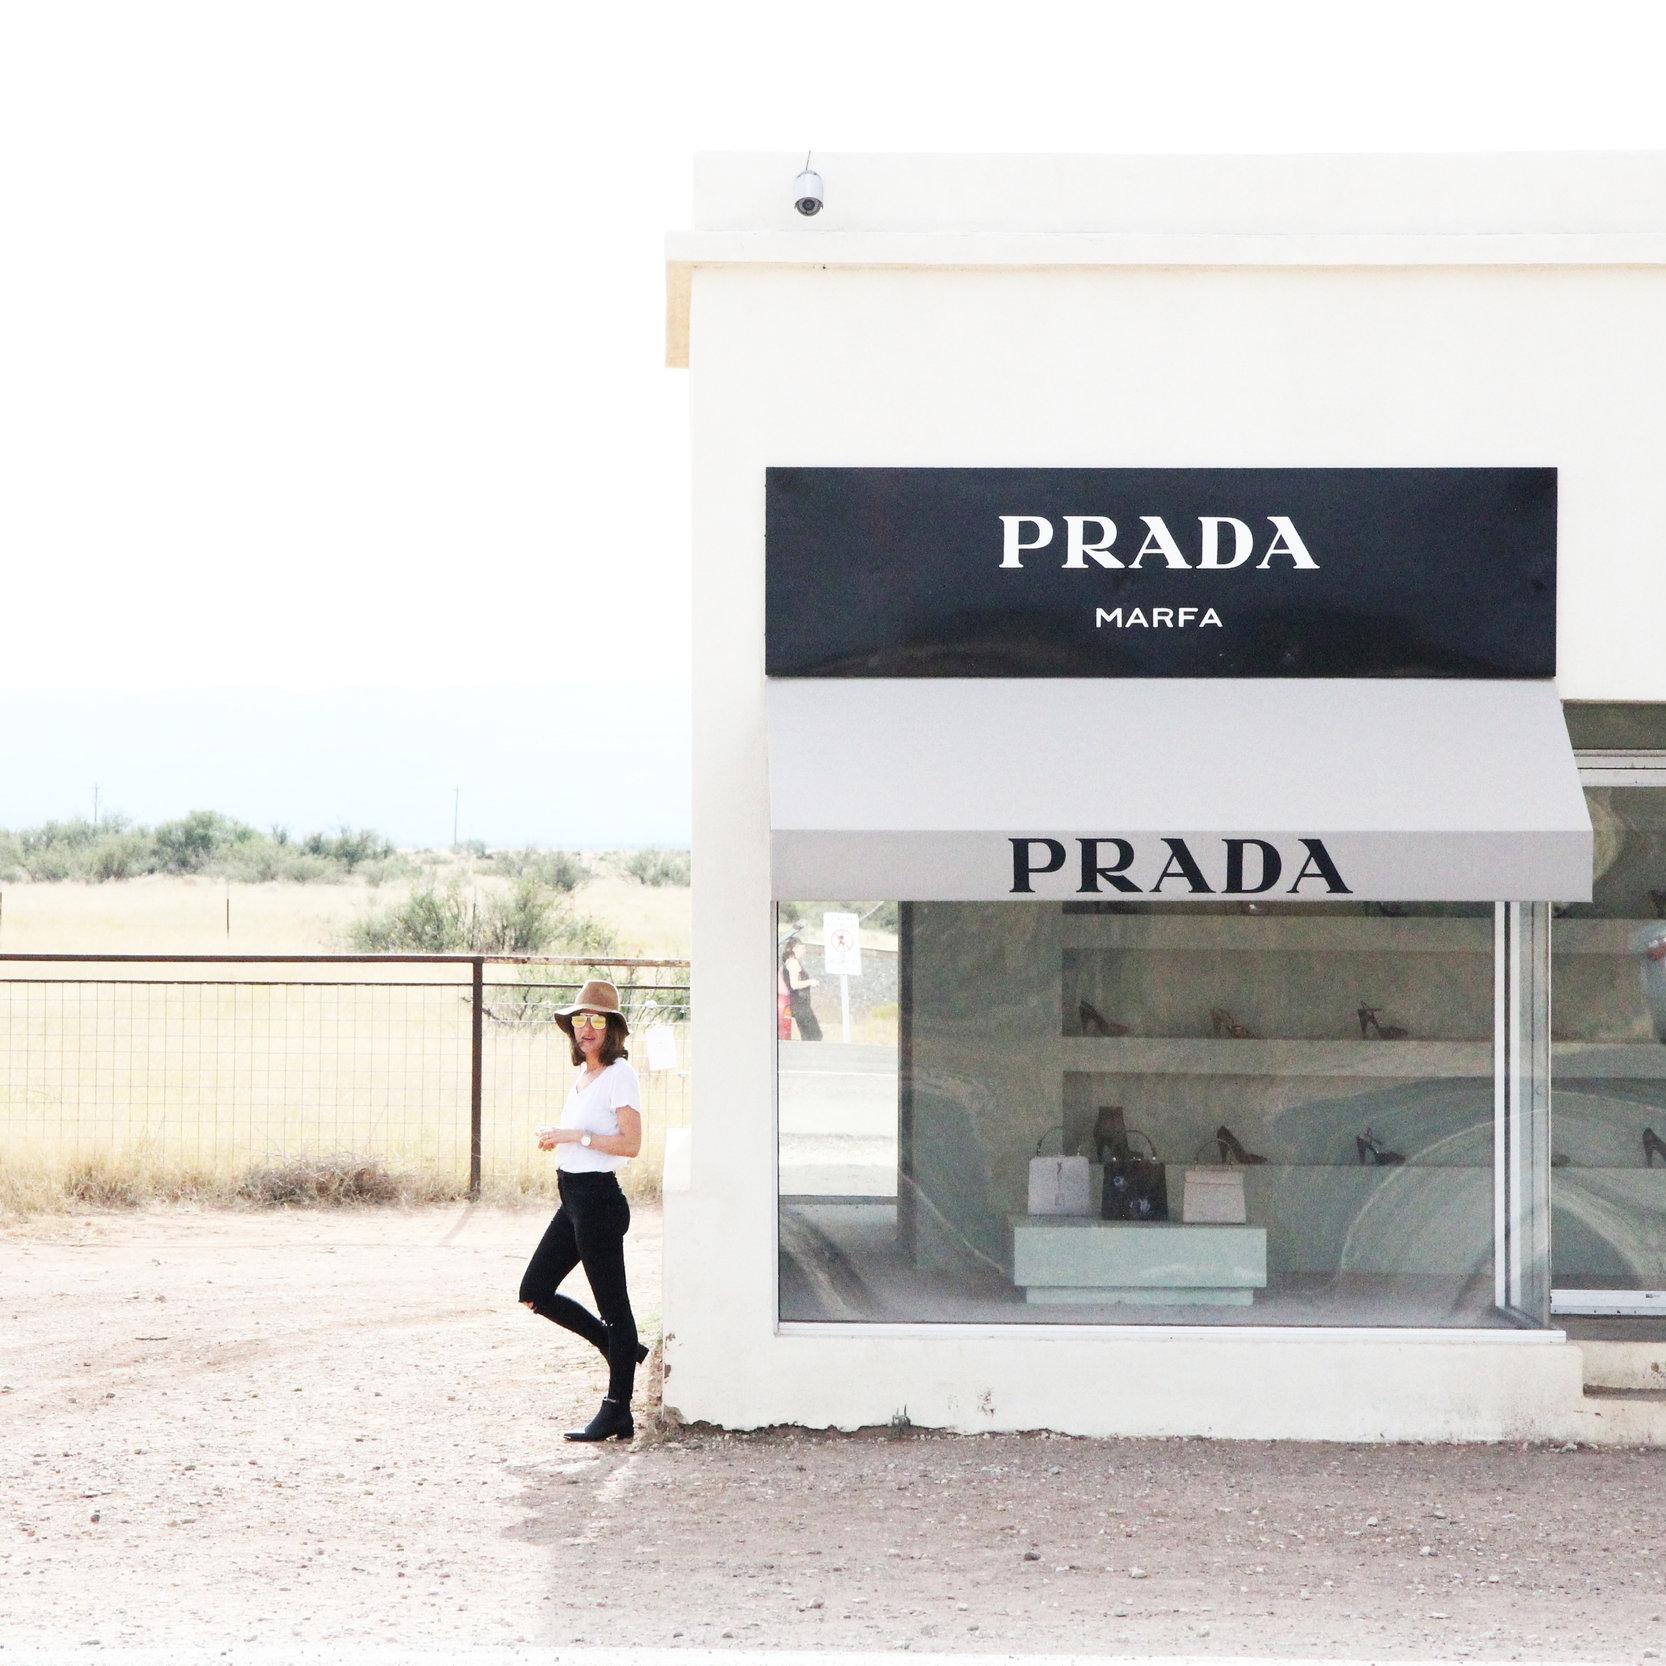 PradaMarfa.JPG